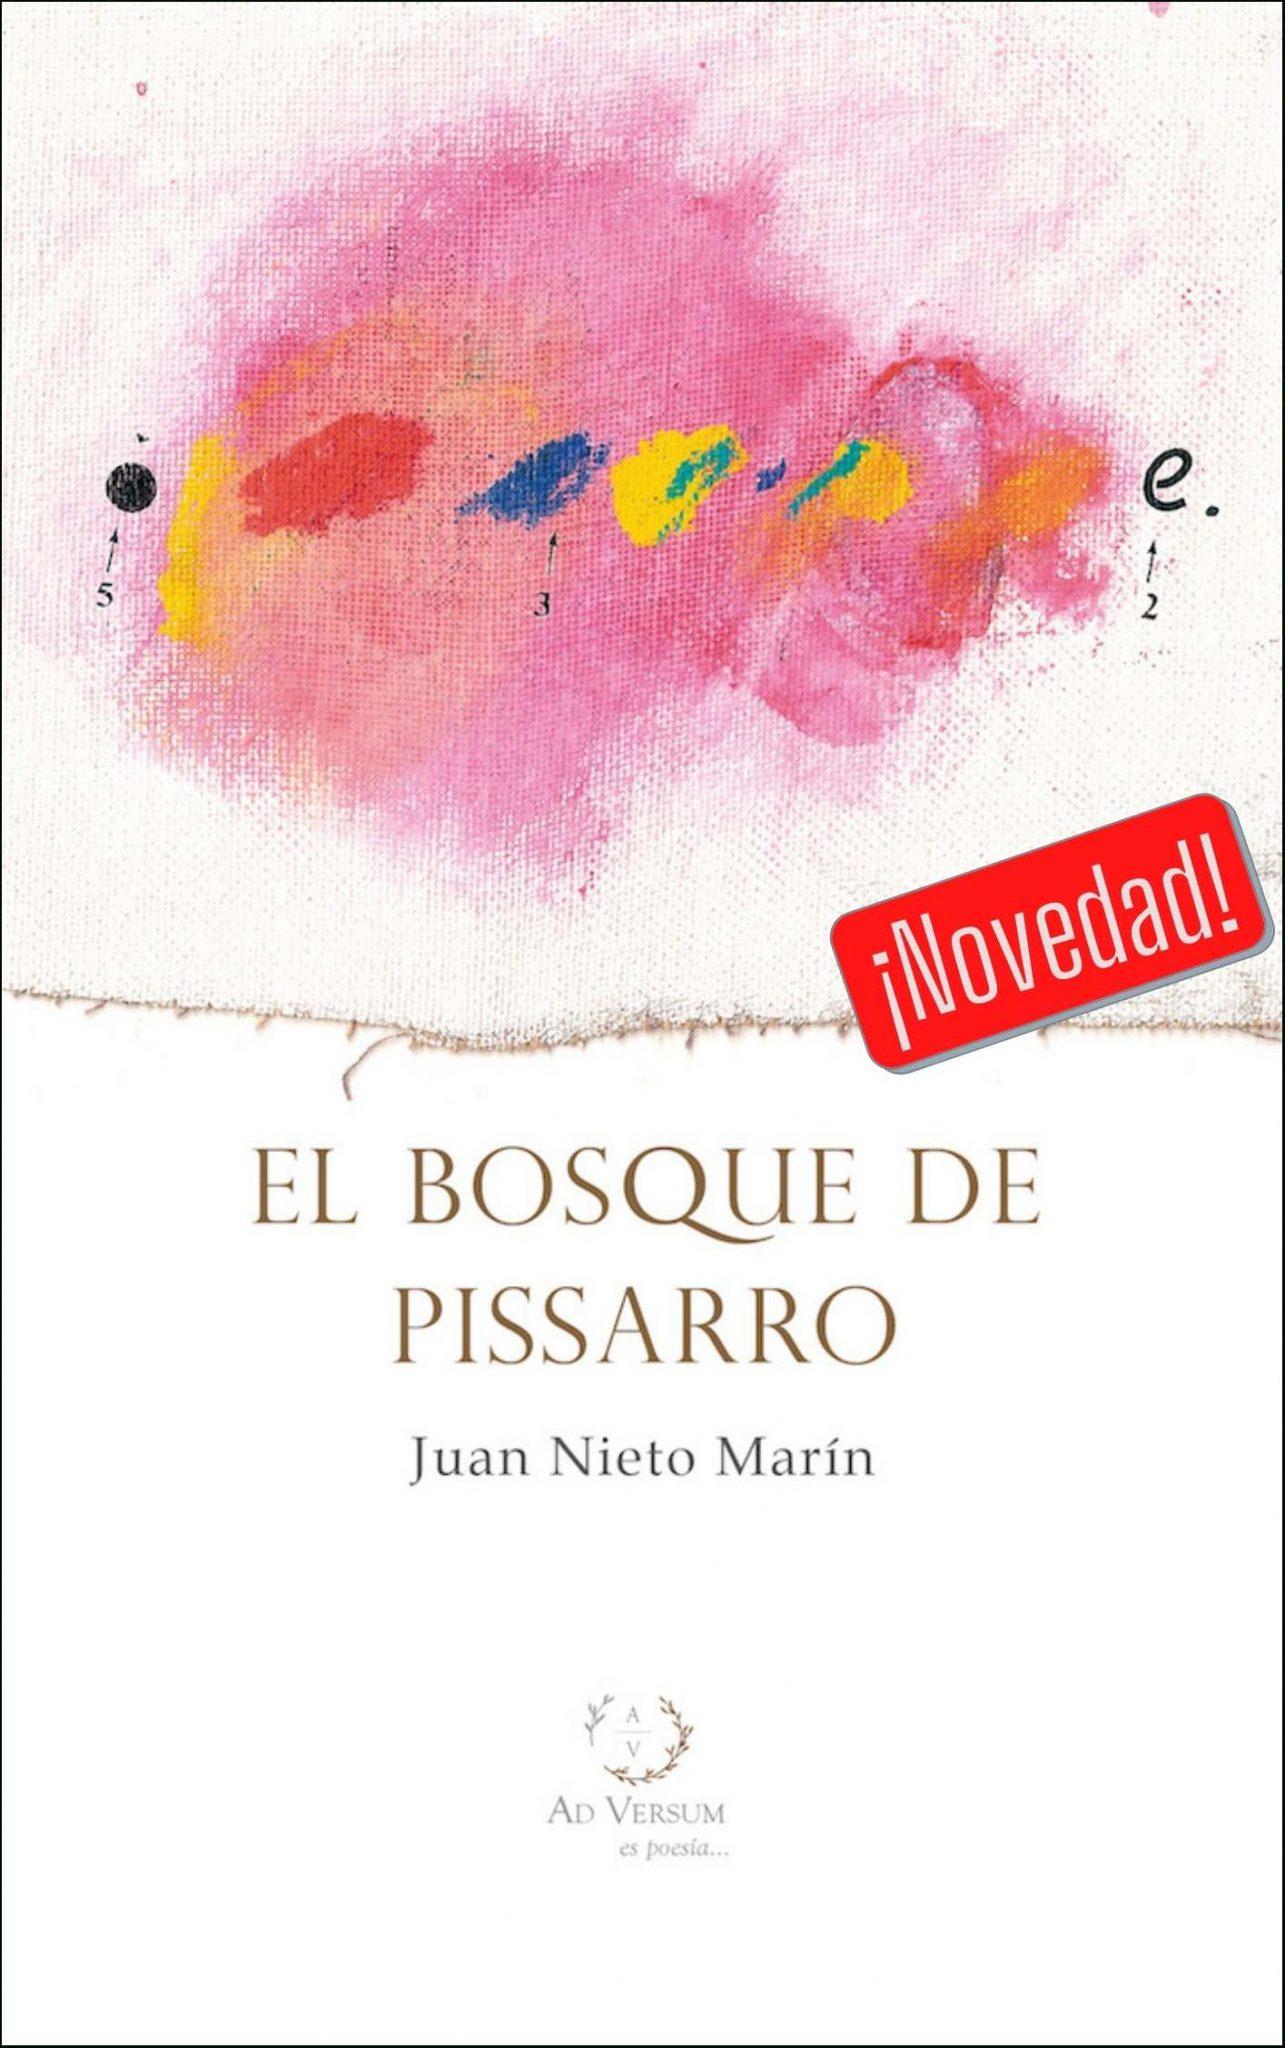 El bosque de Pissarro_Novedad